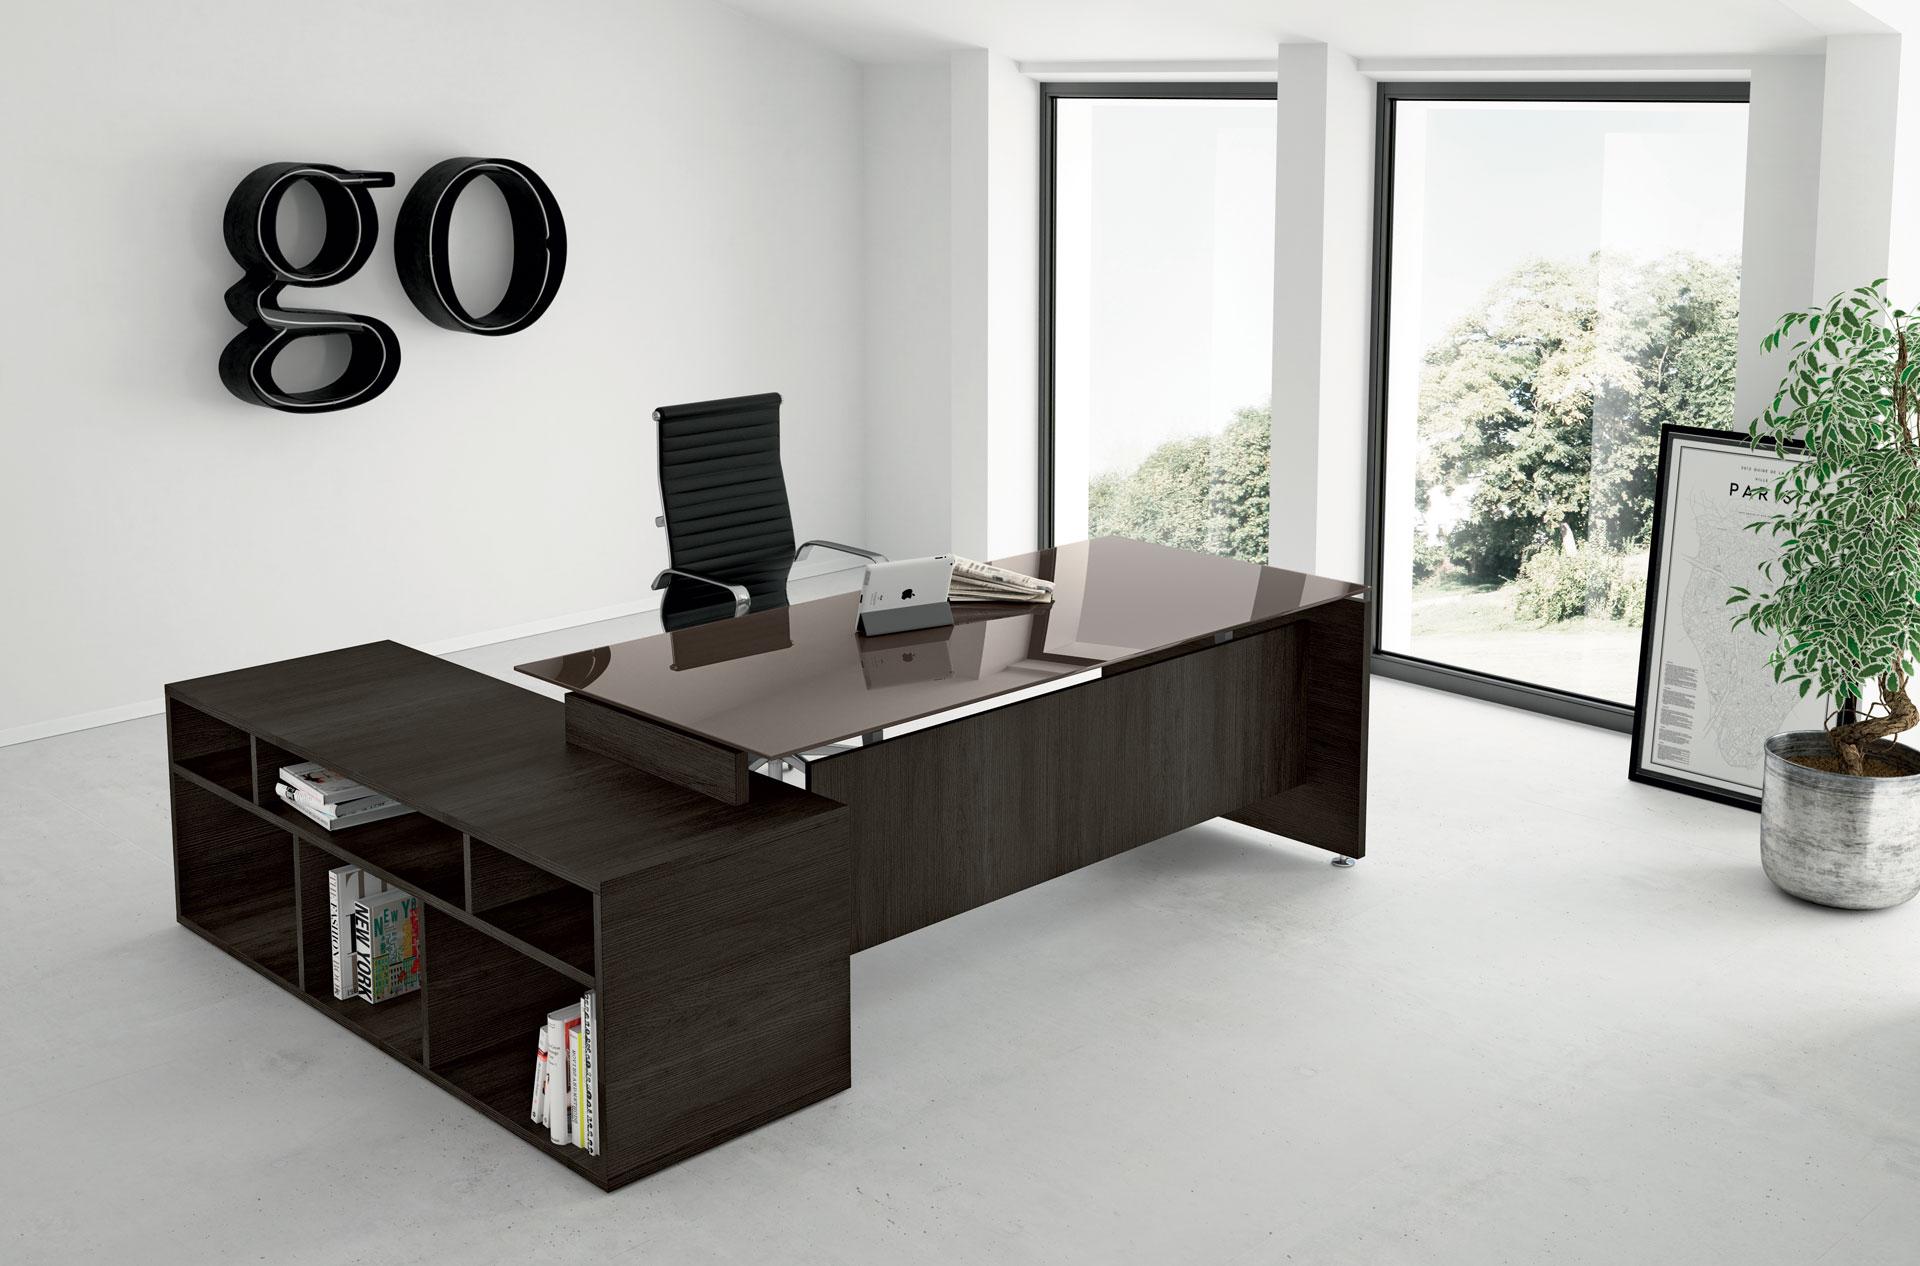 Arredamento per ufficio torino scrivanie per ufficio for Mobili per ufficio torino